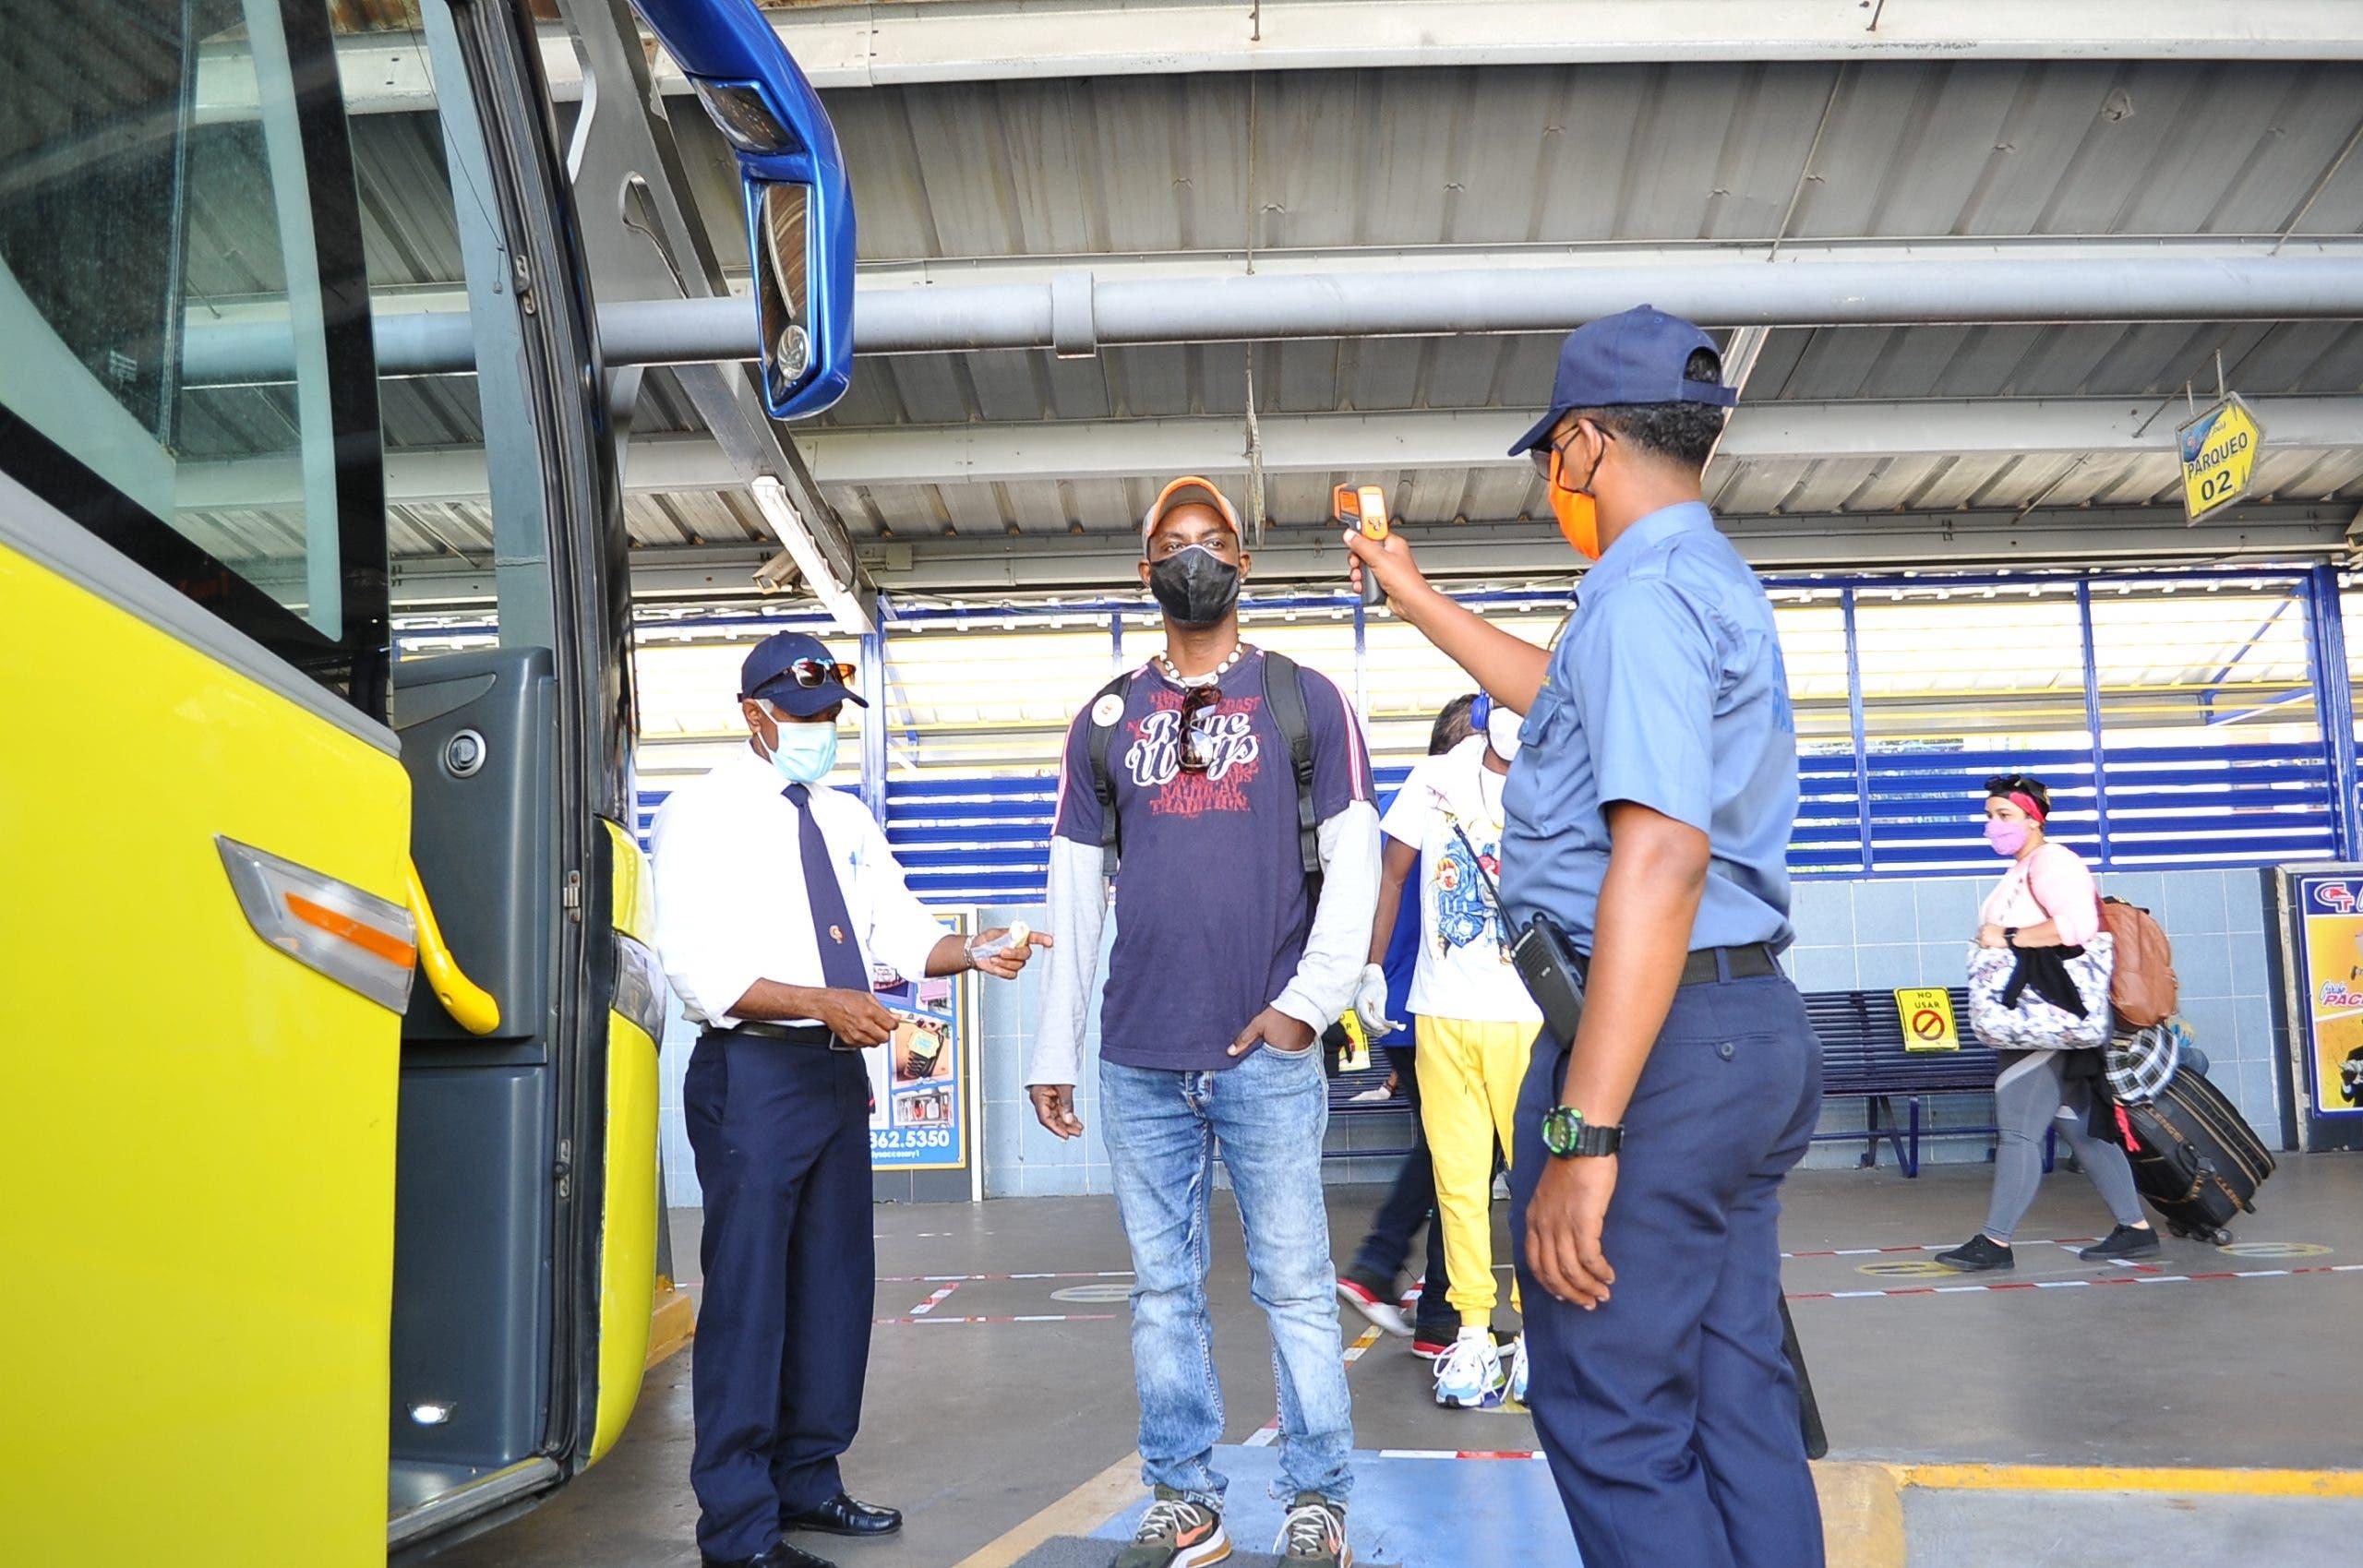 Gran afluencia de viajeros en paradas autobuses